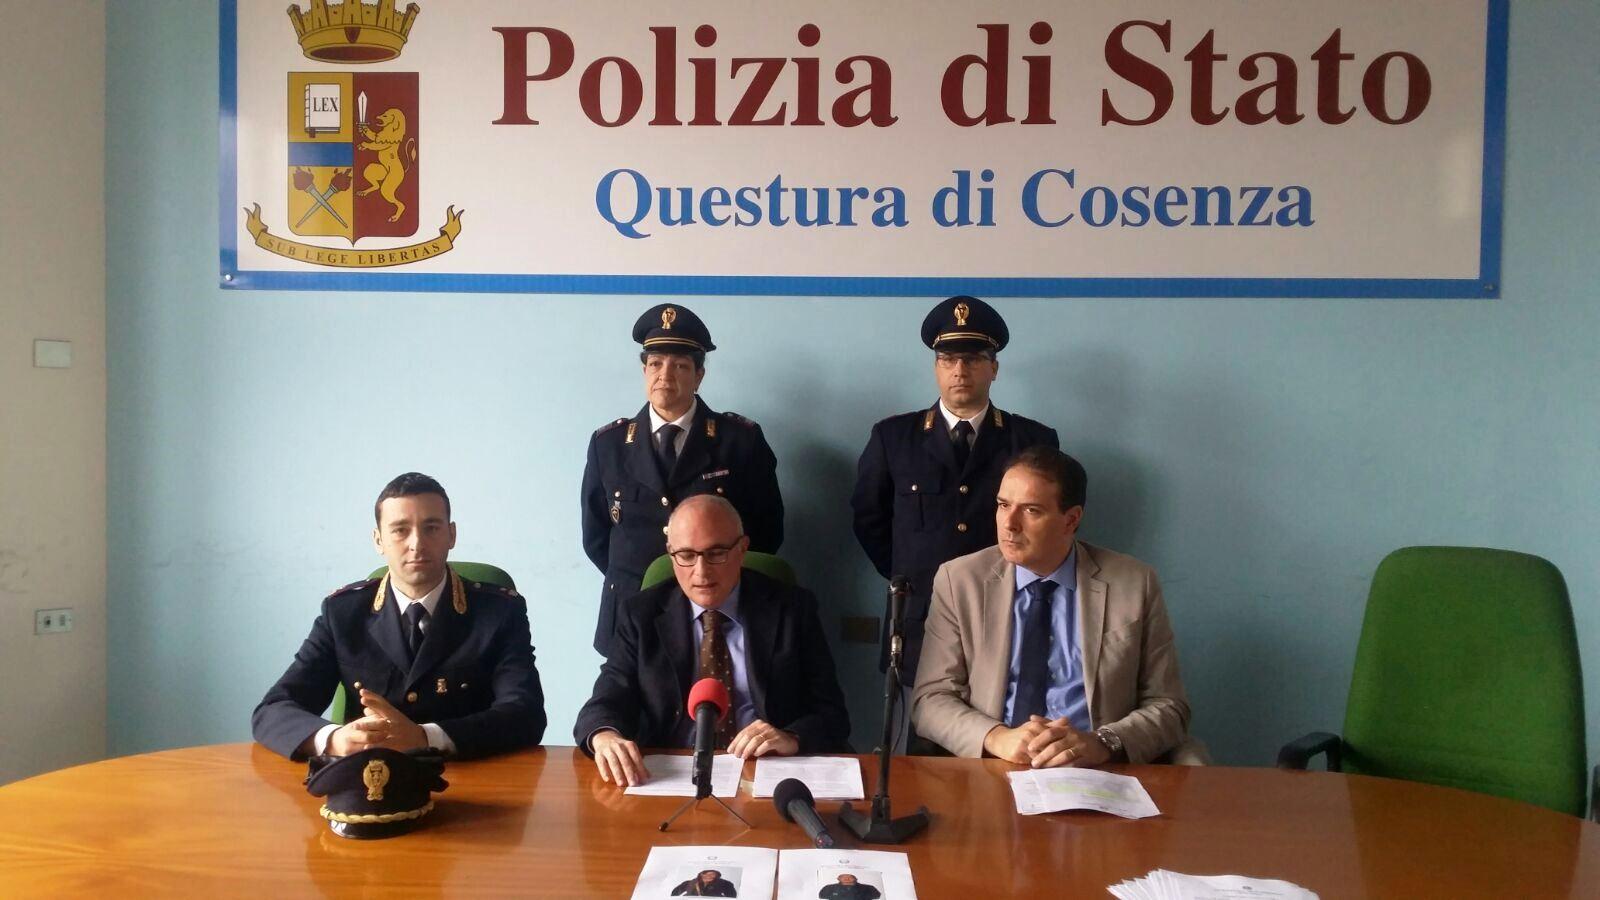 Polizia di stato questure sul web cosenza for Polizia di stato per permesso di soggiorno